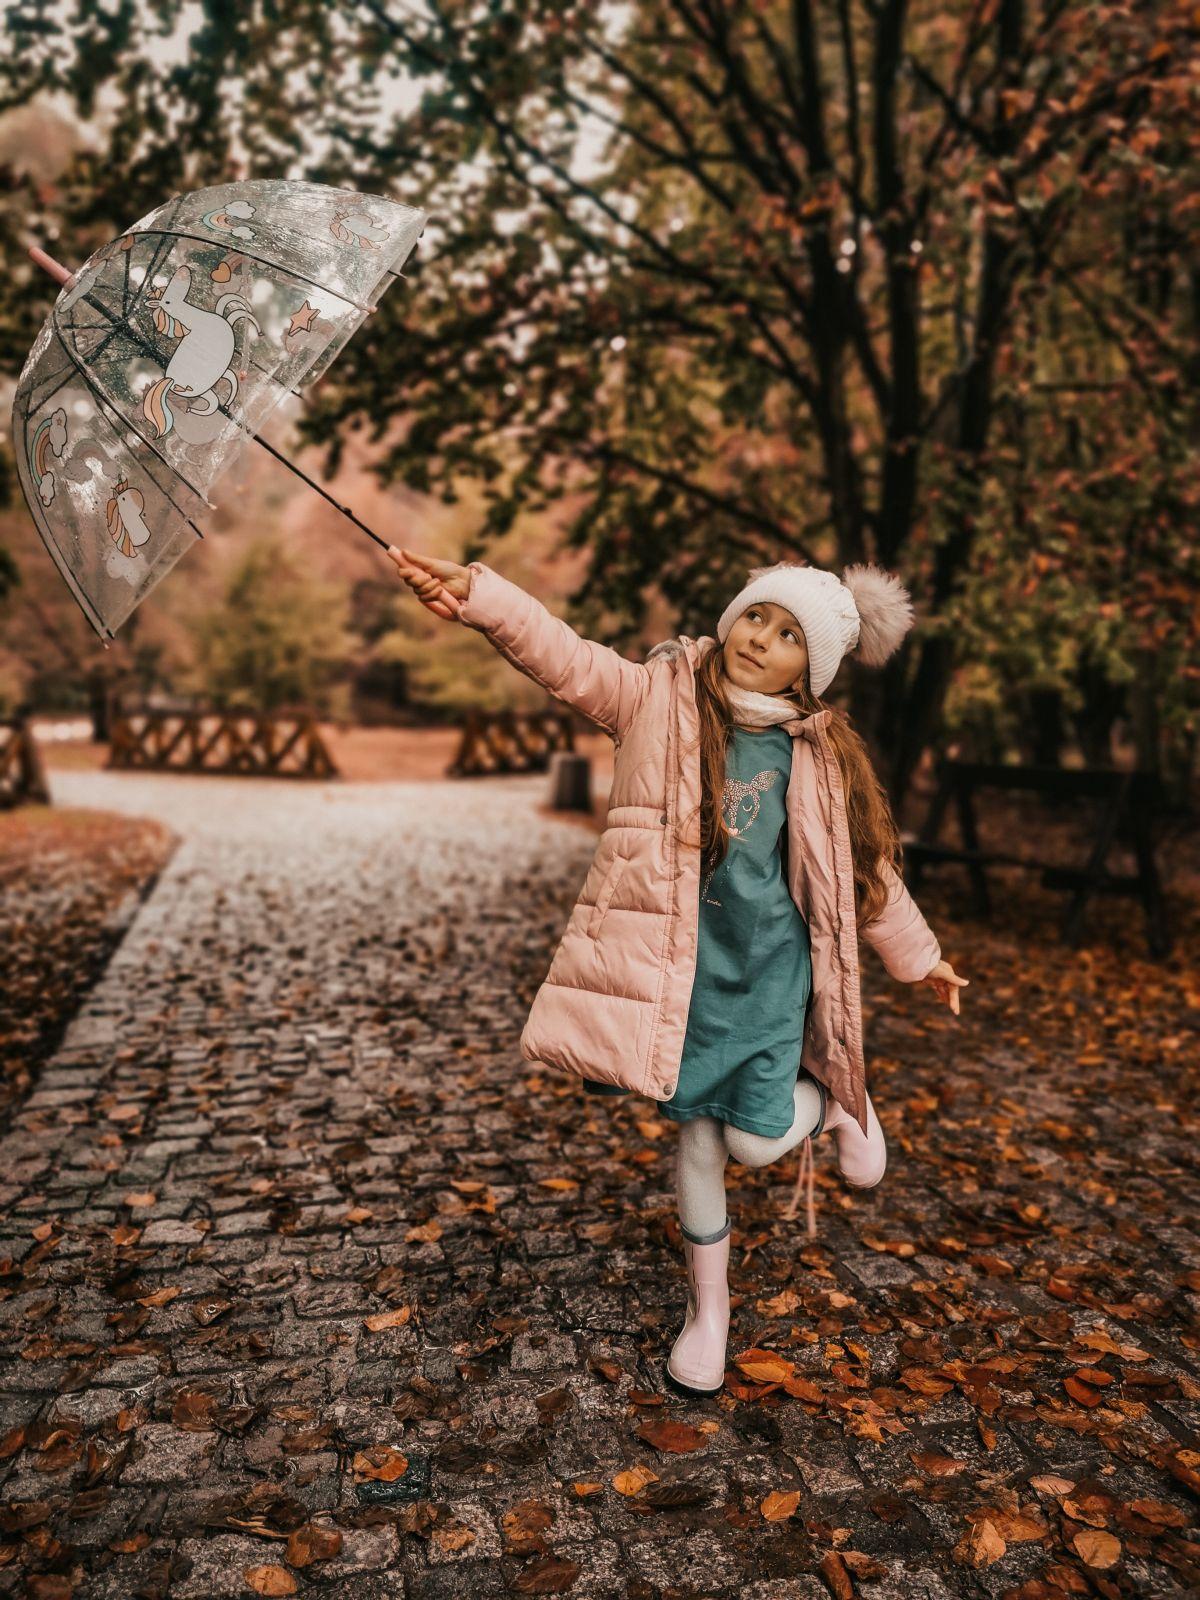 Dziewczynka pozująca do zdjęcia w jesiennym parku, z parasolem w ręku.